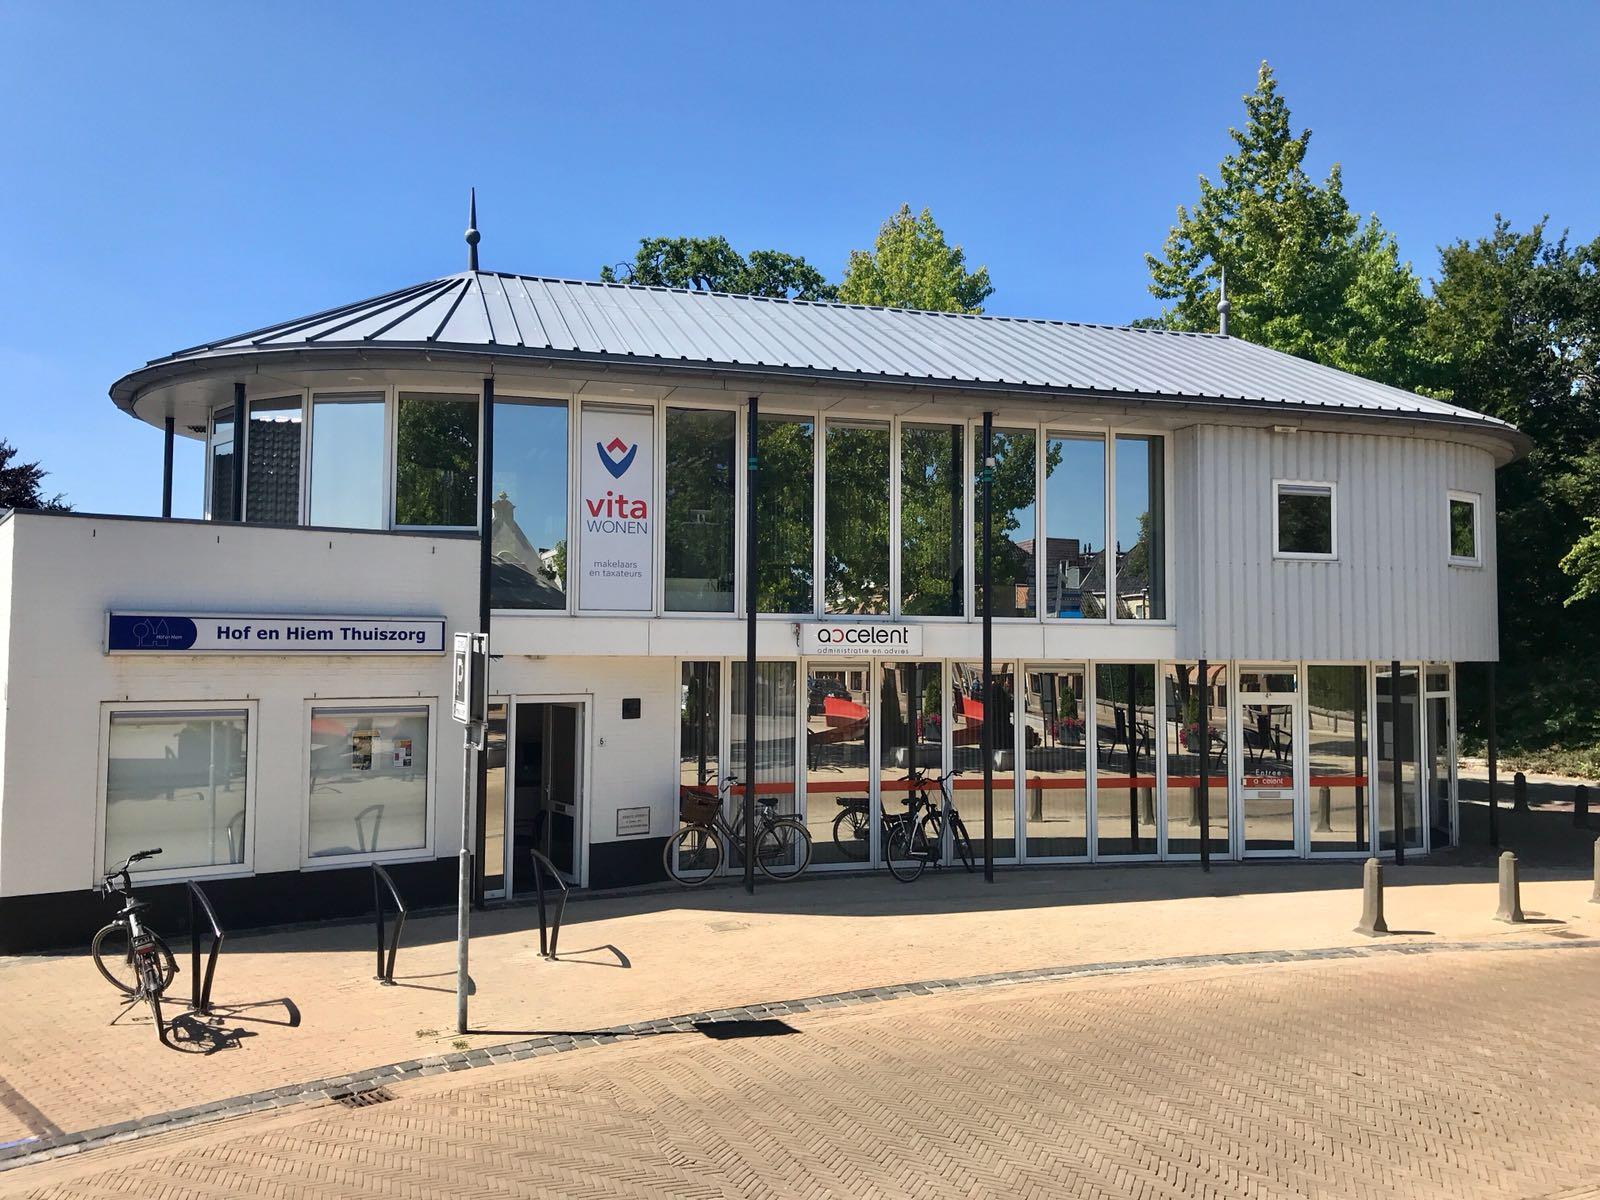 Kantoor Vestiging Vita Wonen makelaars en taxateurs